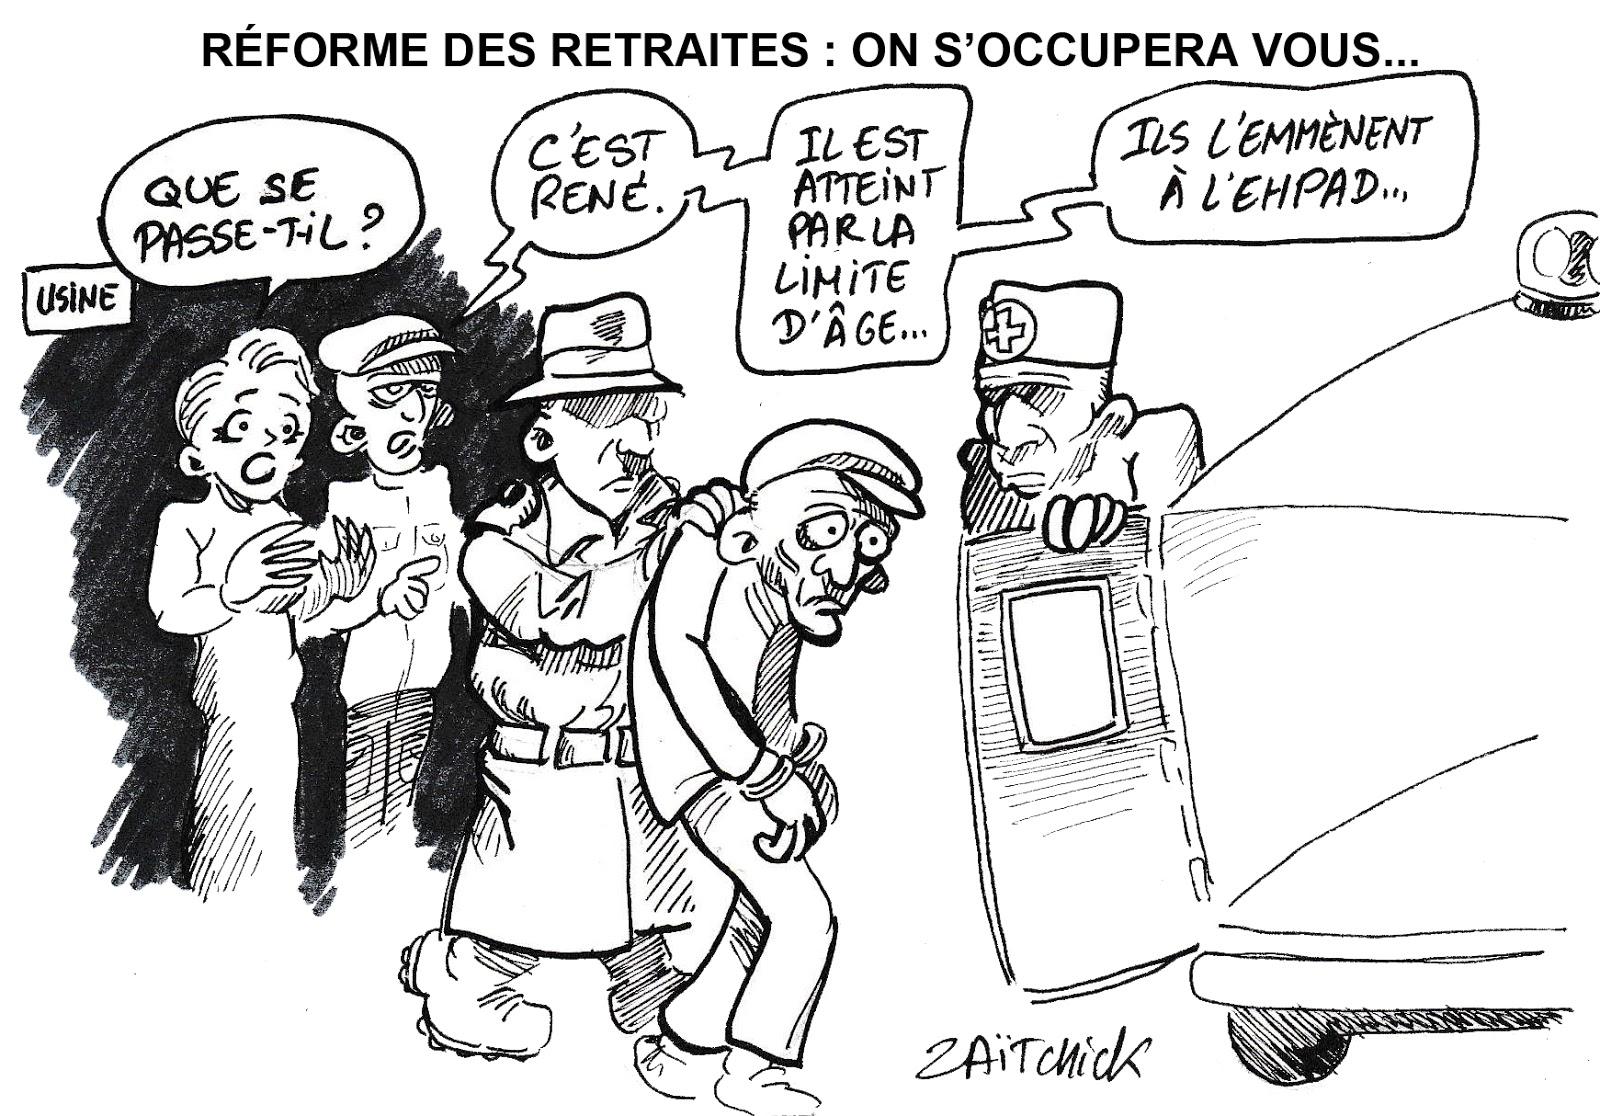 https://www.blagues-et-dessins.com/wp-content/uploads/2019/08/18-aout-2019-ehpad-de-retraite.jpg